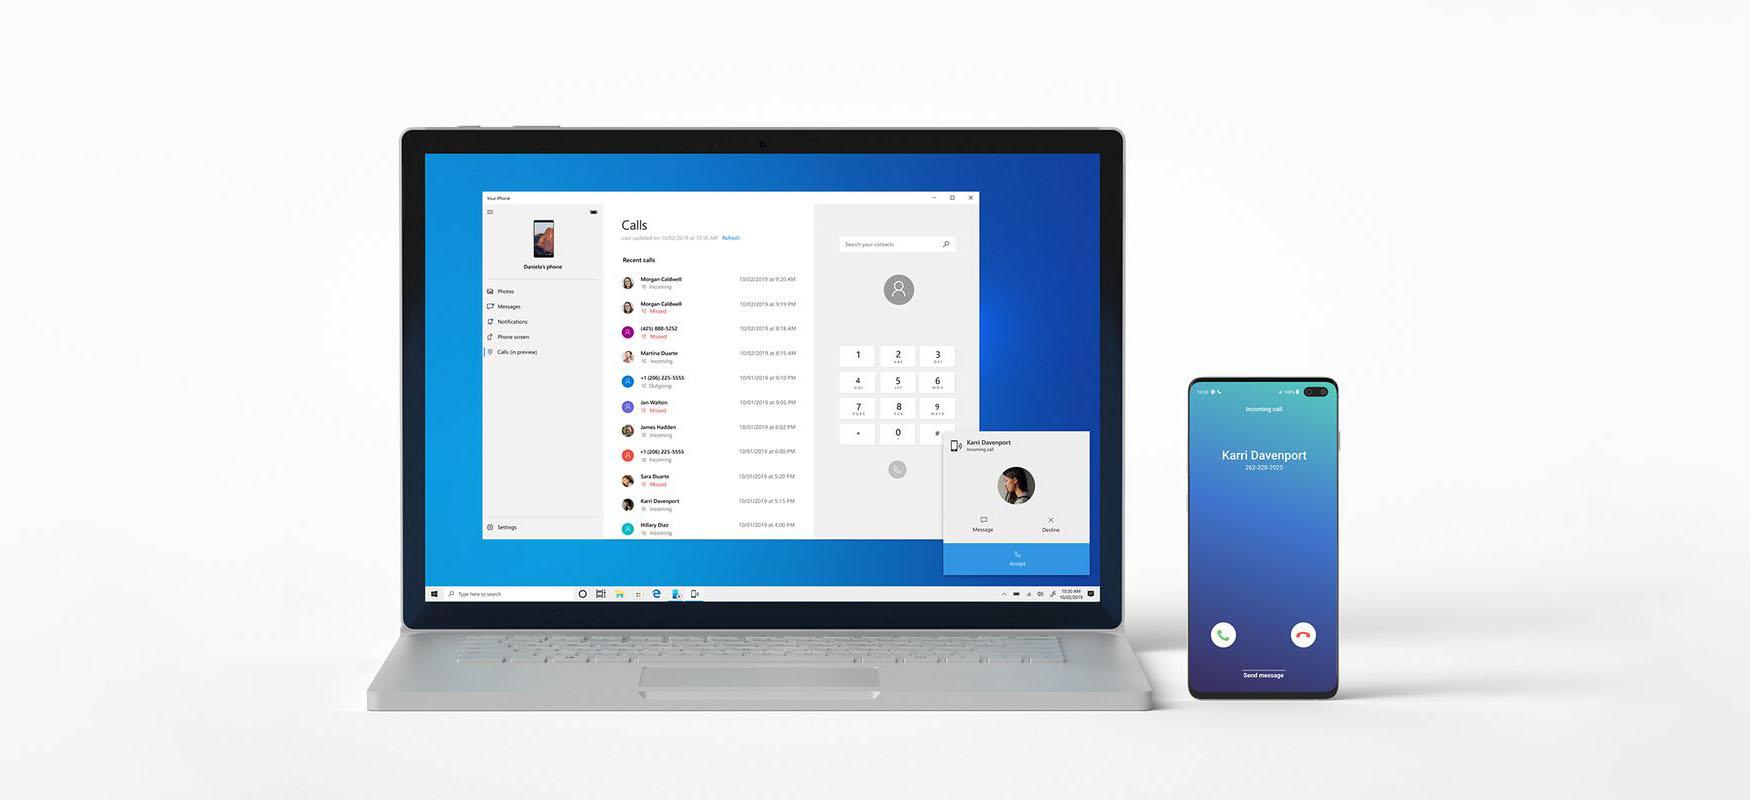 Albiste garrantzitsuak zure Windows telefonoan.  Biltegiratze arrunta eta energia aurreztea